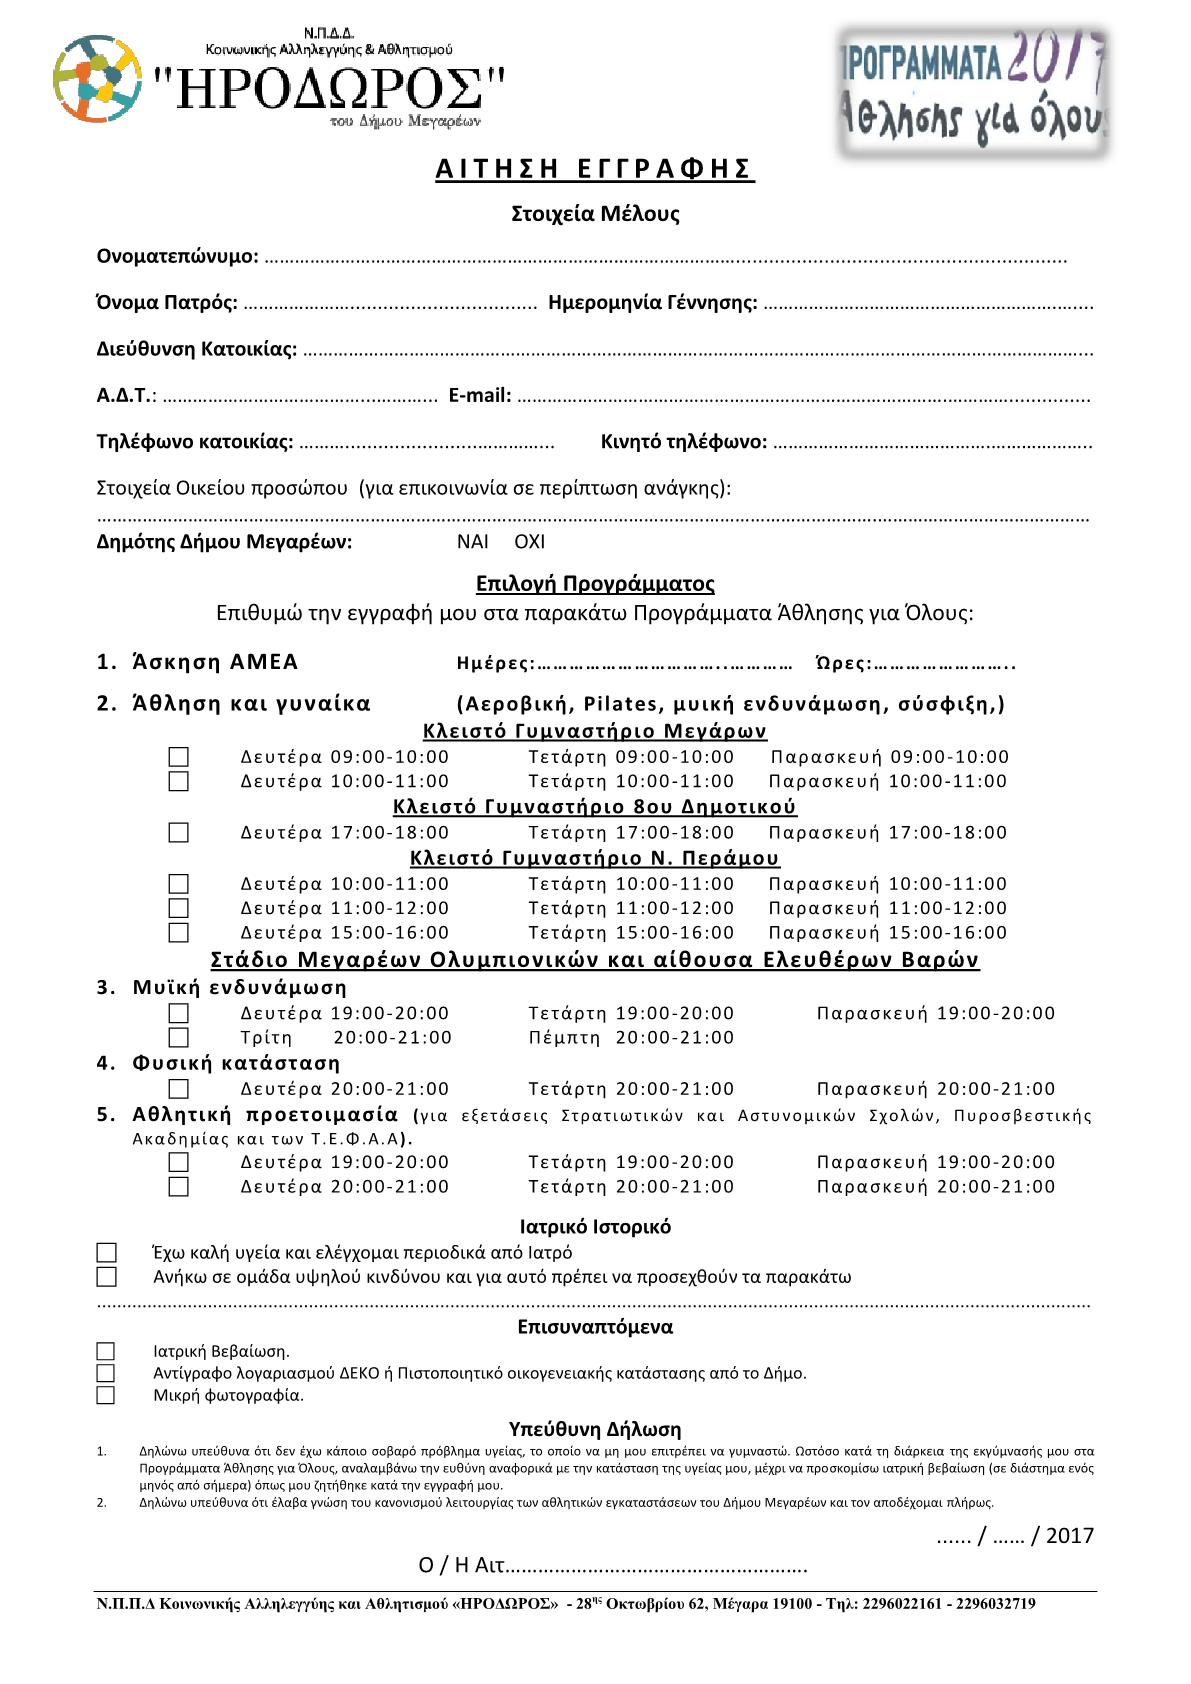 Αίτηση εγγραφής 2017 - 2018 ΝΠΔΔ ΗΡΟΔΩΡΟΣ Δήμου Μεγαρέων1